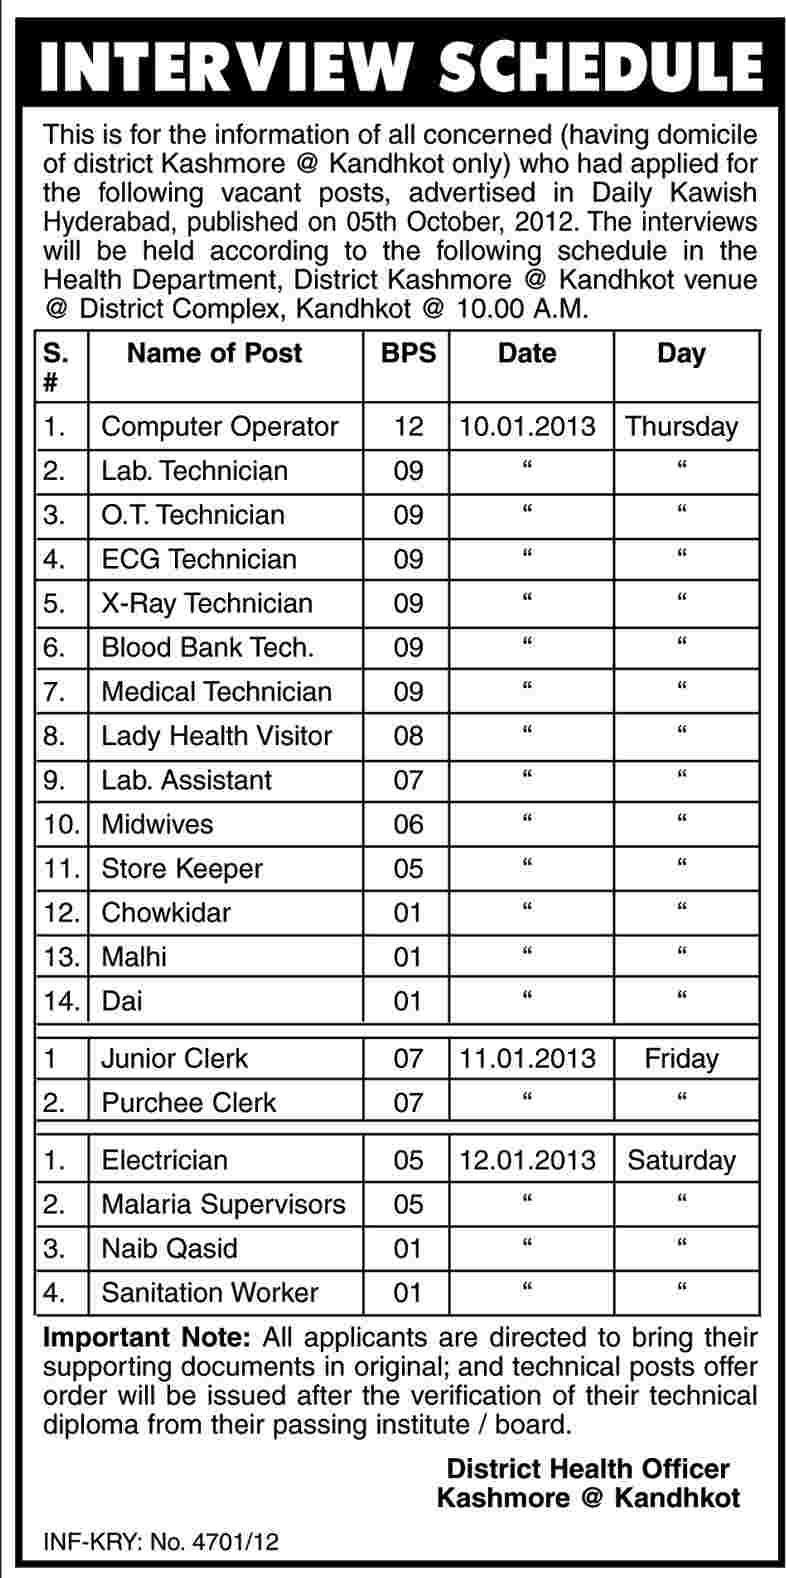 Health Department District Kashmore Job Interview Schedule at Kandhkot in Kandhkot District